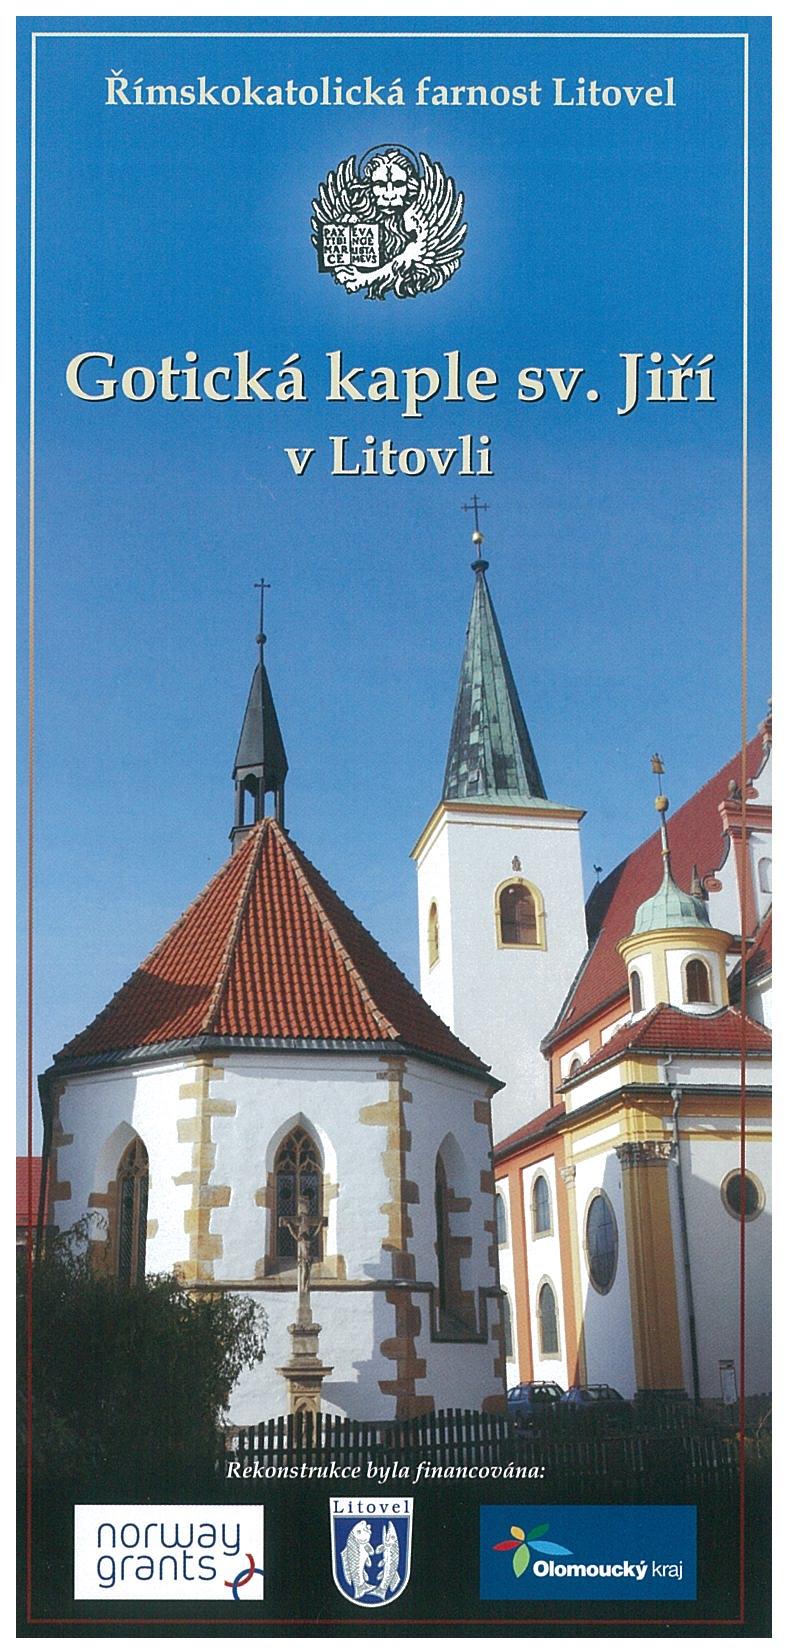 Gotická kaple sv  Jiří v Litovli, obrázek se otevře v novém okně